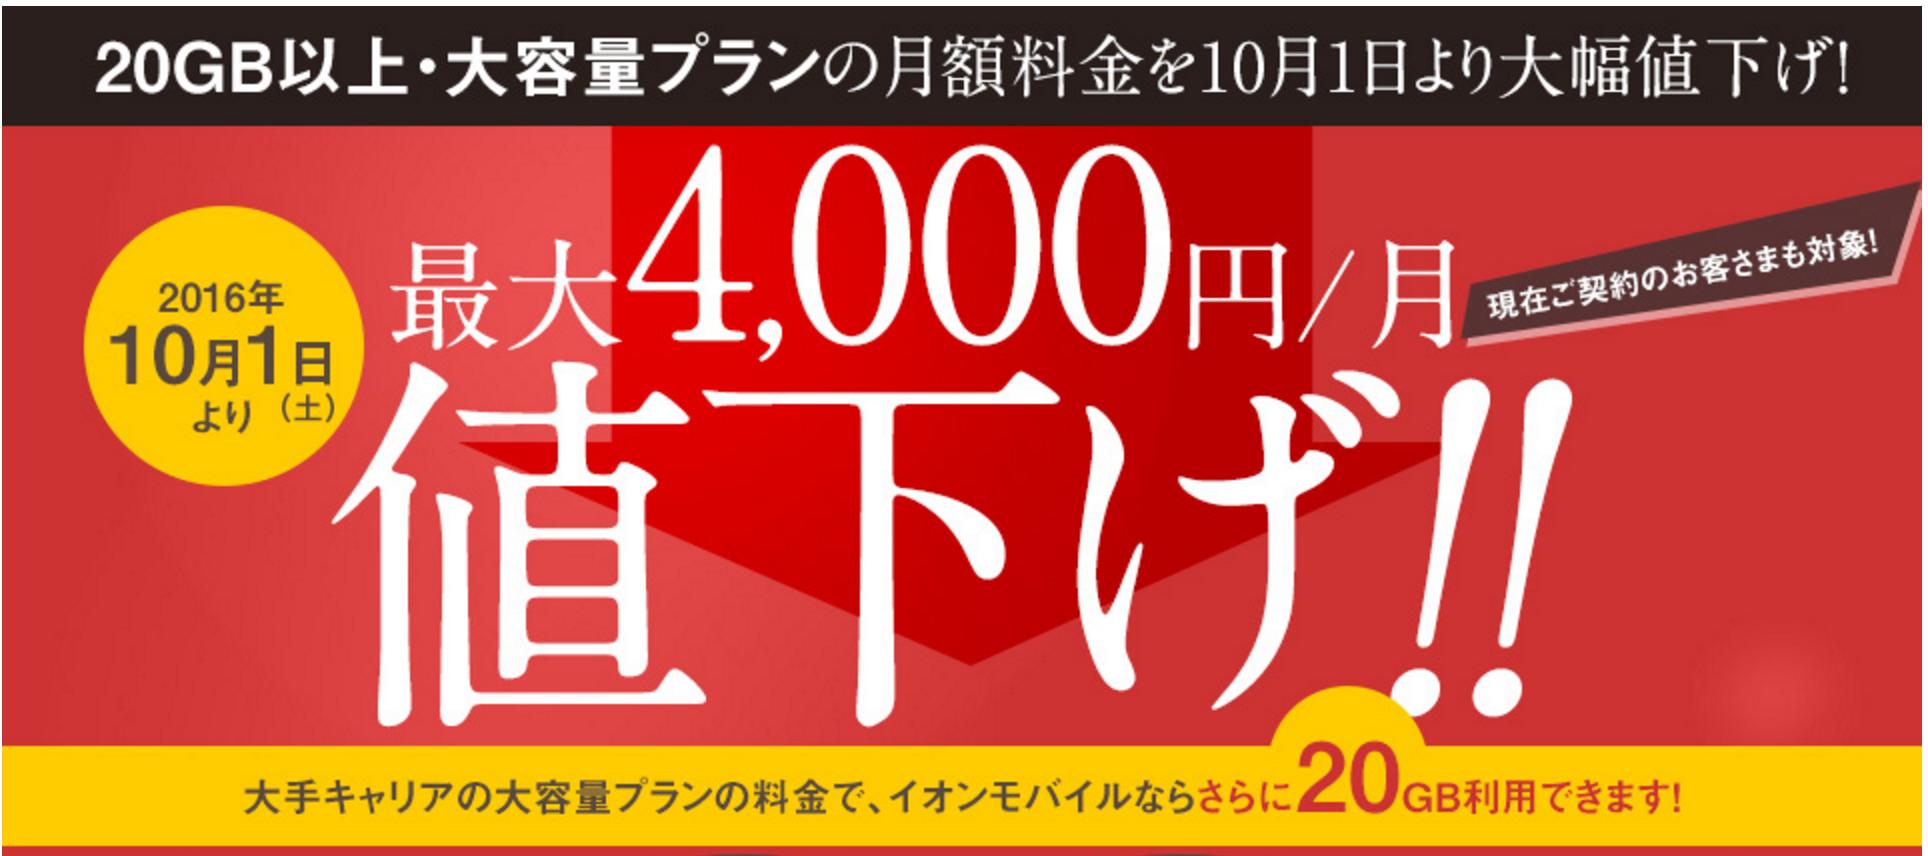 10/1〜格安スマホ「イオンモバイル」の大容量プランの料金が値下げ!デザリング機能は無料